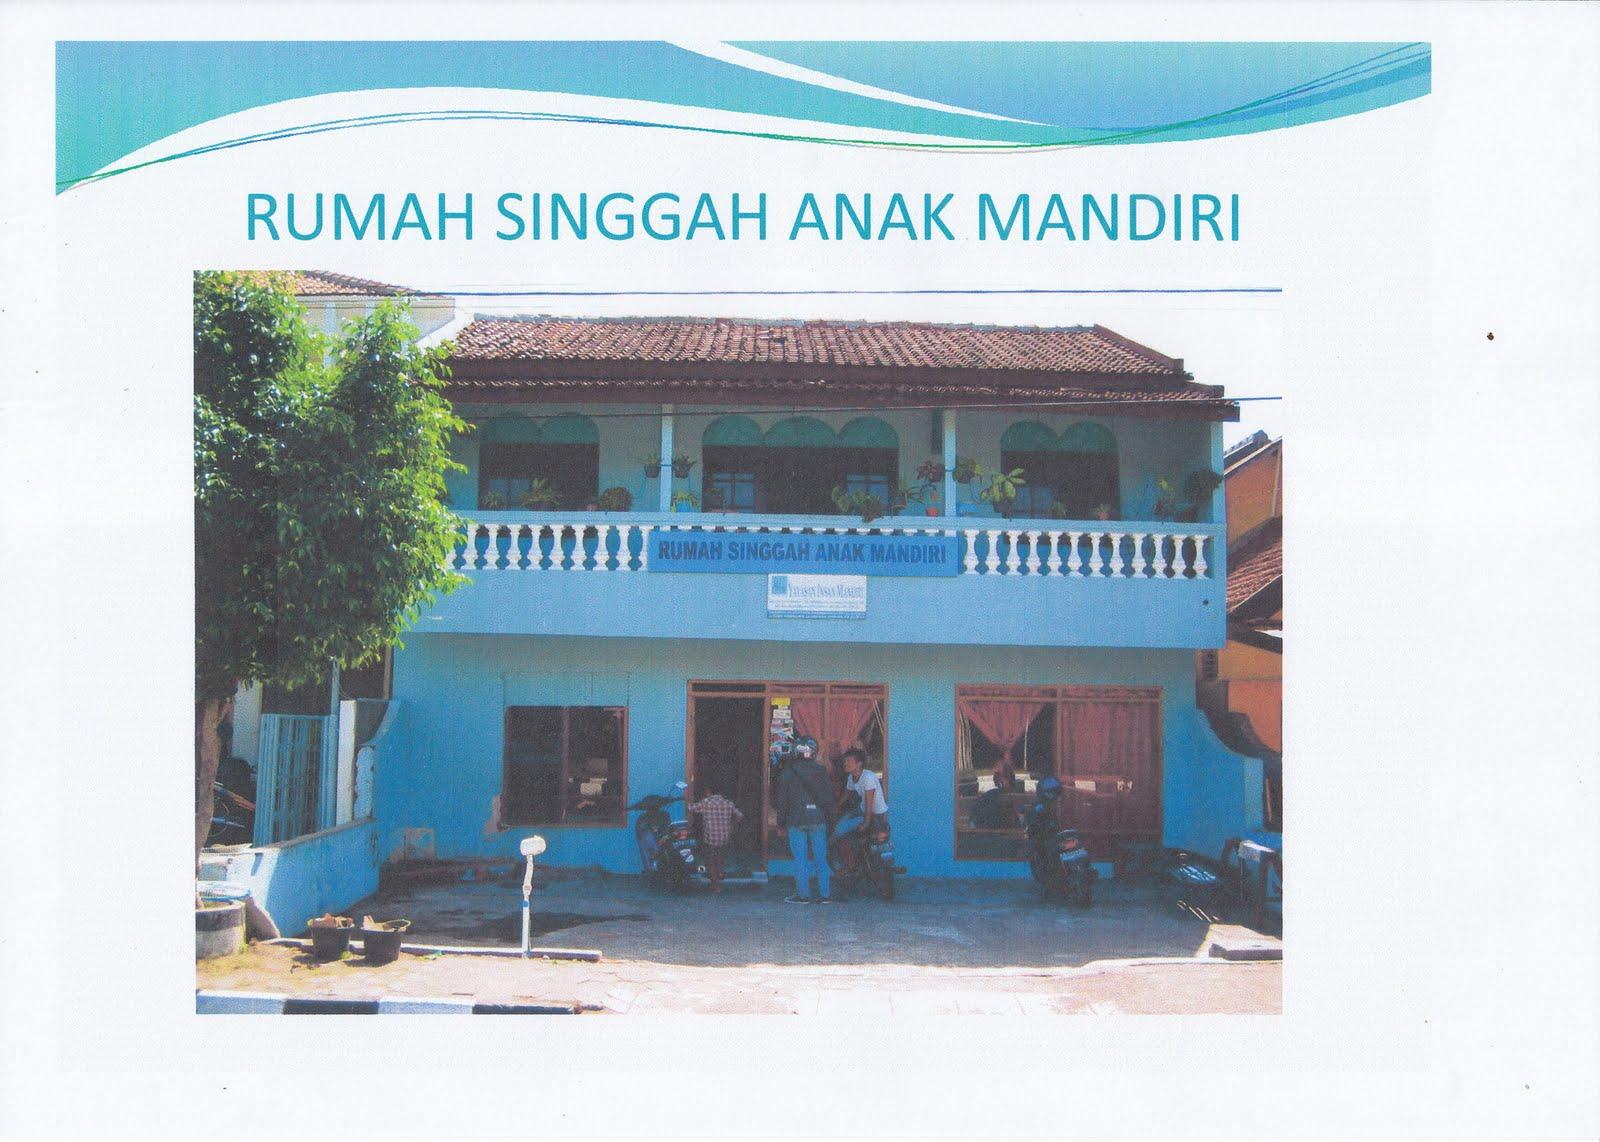 Rumah Singgah Anak Mandiri